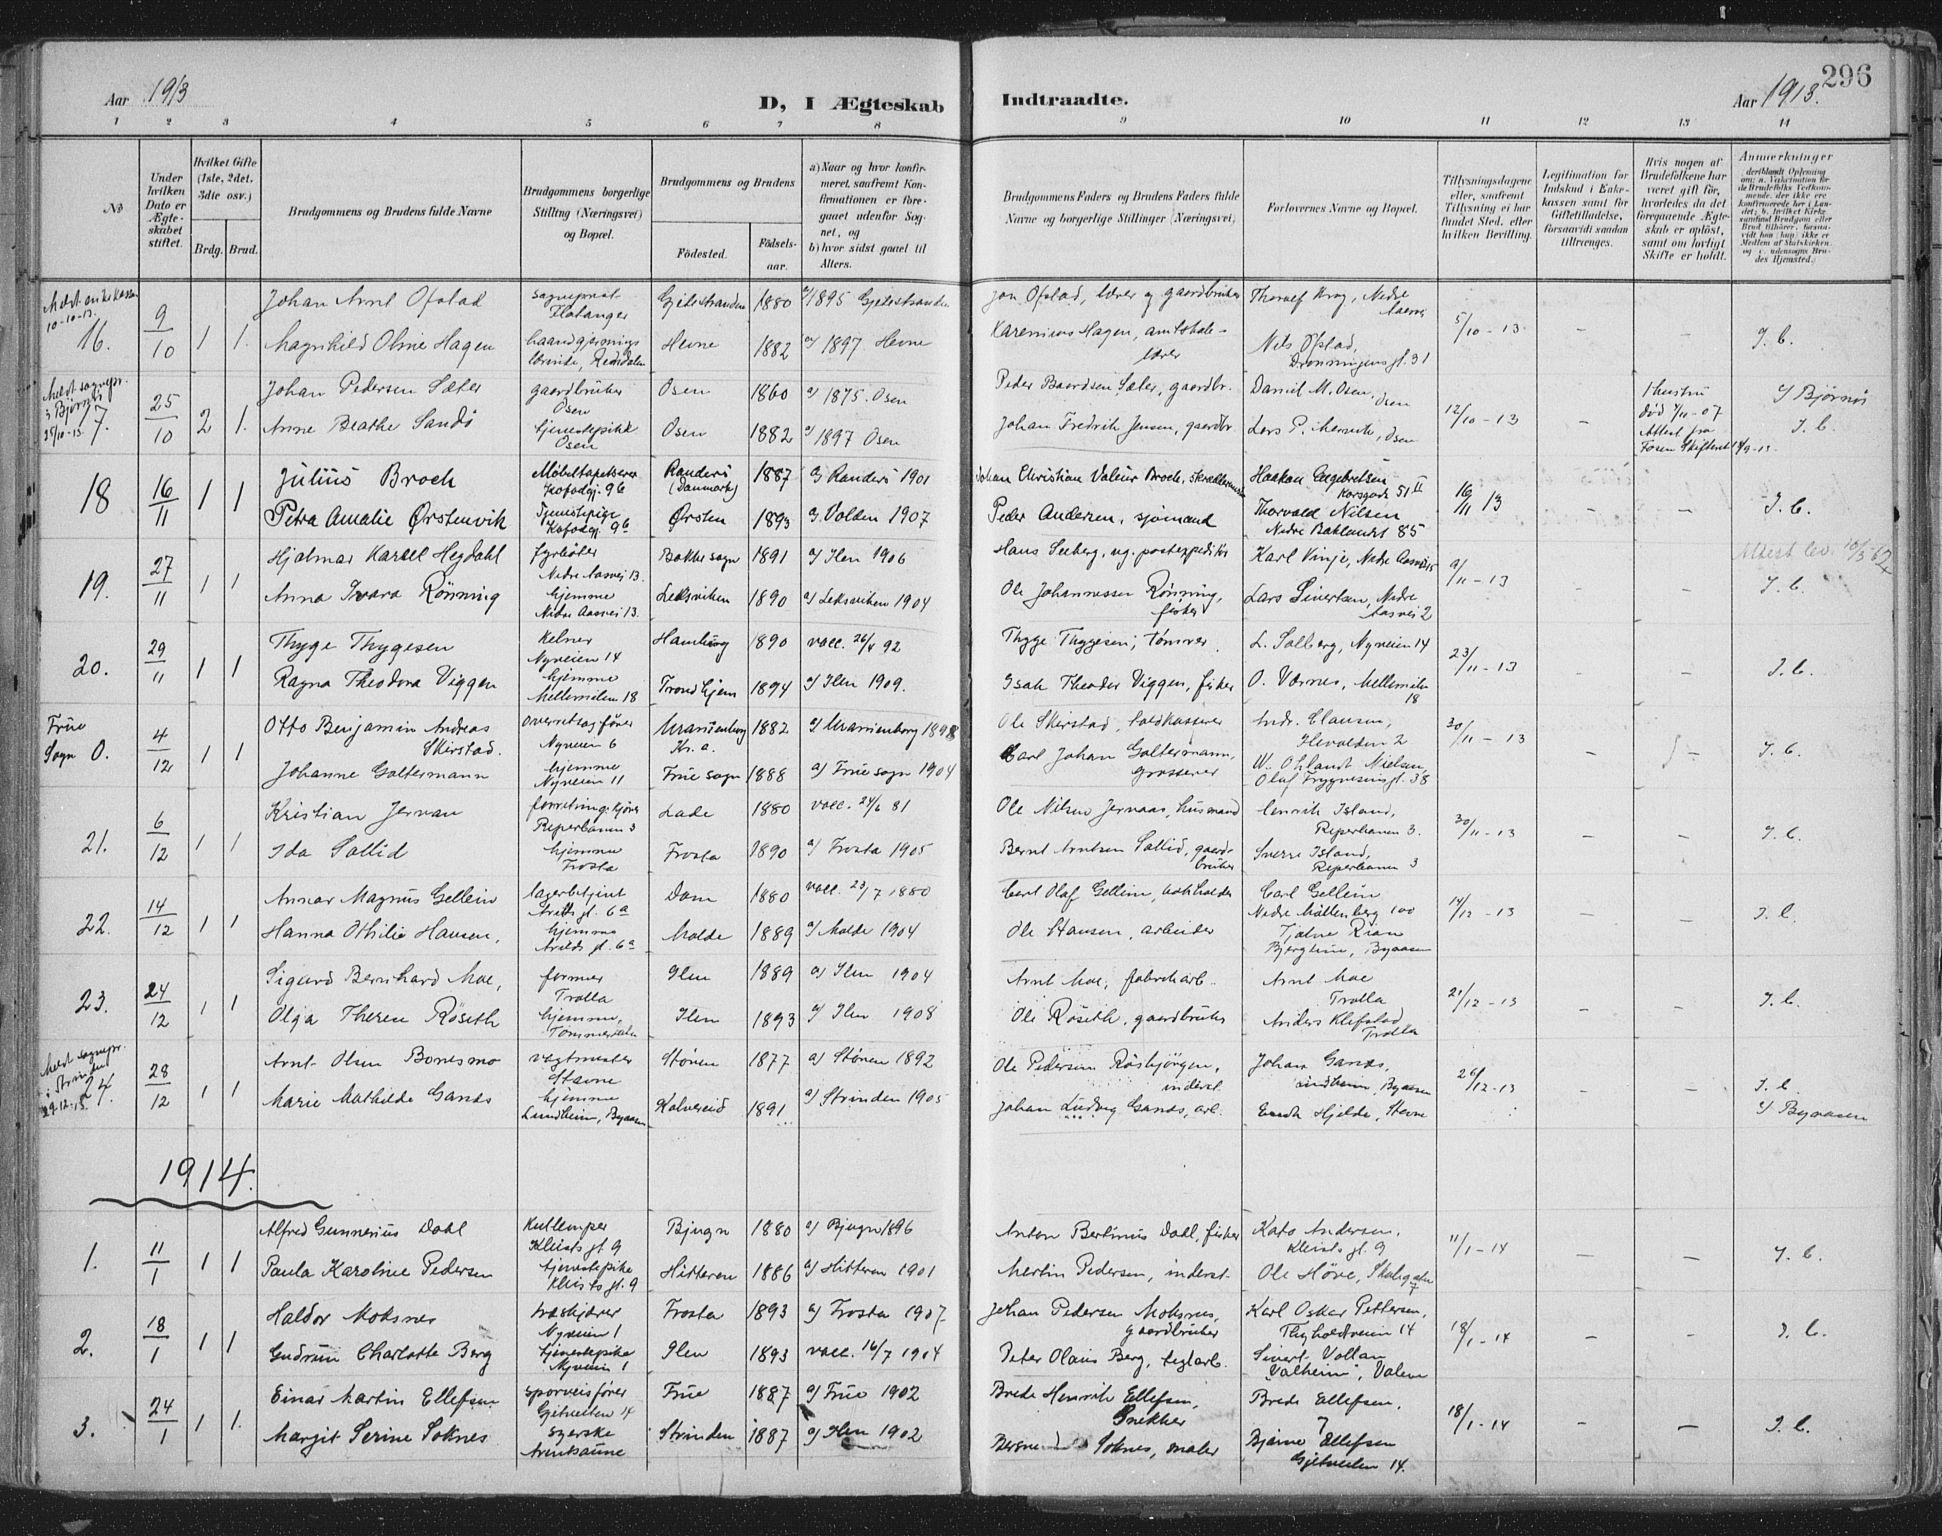 SAT, Ministerialprotokoller, klokkerbøker og fødselsregistre - Sør-Trøndelag, 603/L0167: Ministerialbok nr. 603A06, 1896-1932, s. 296